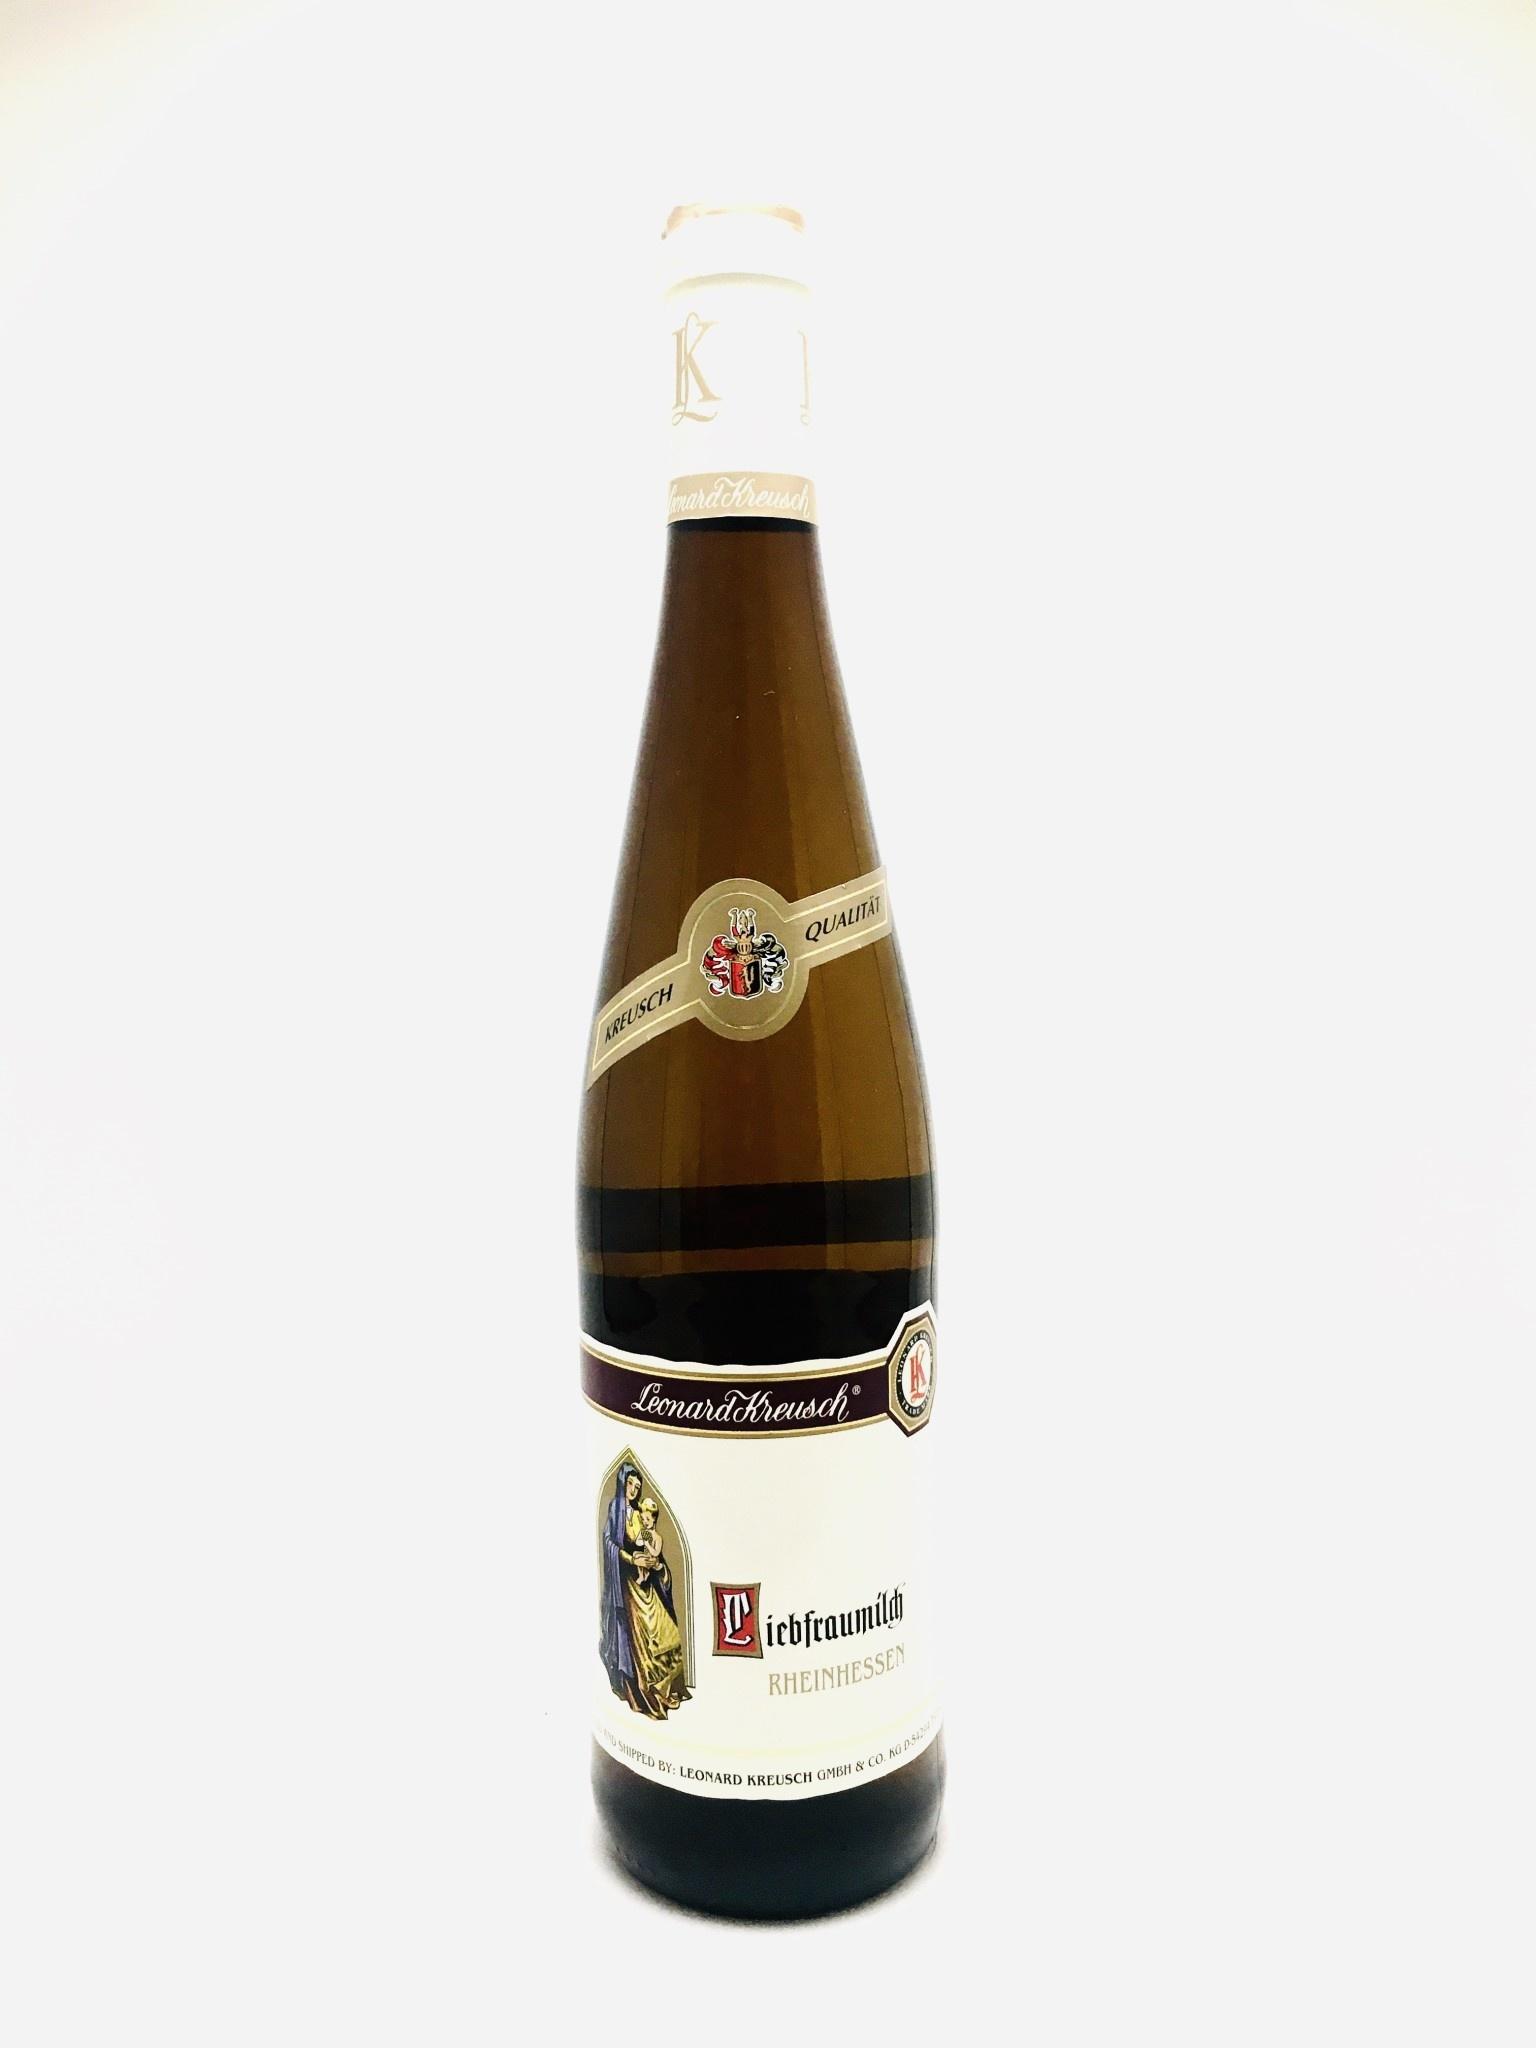 Leonard Kreusch Liebfraumilch Rheinhessen Germany